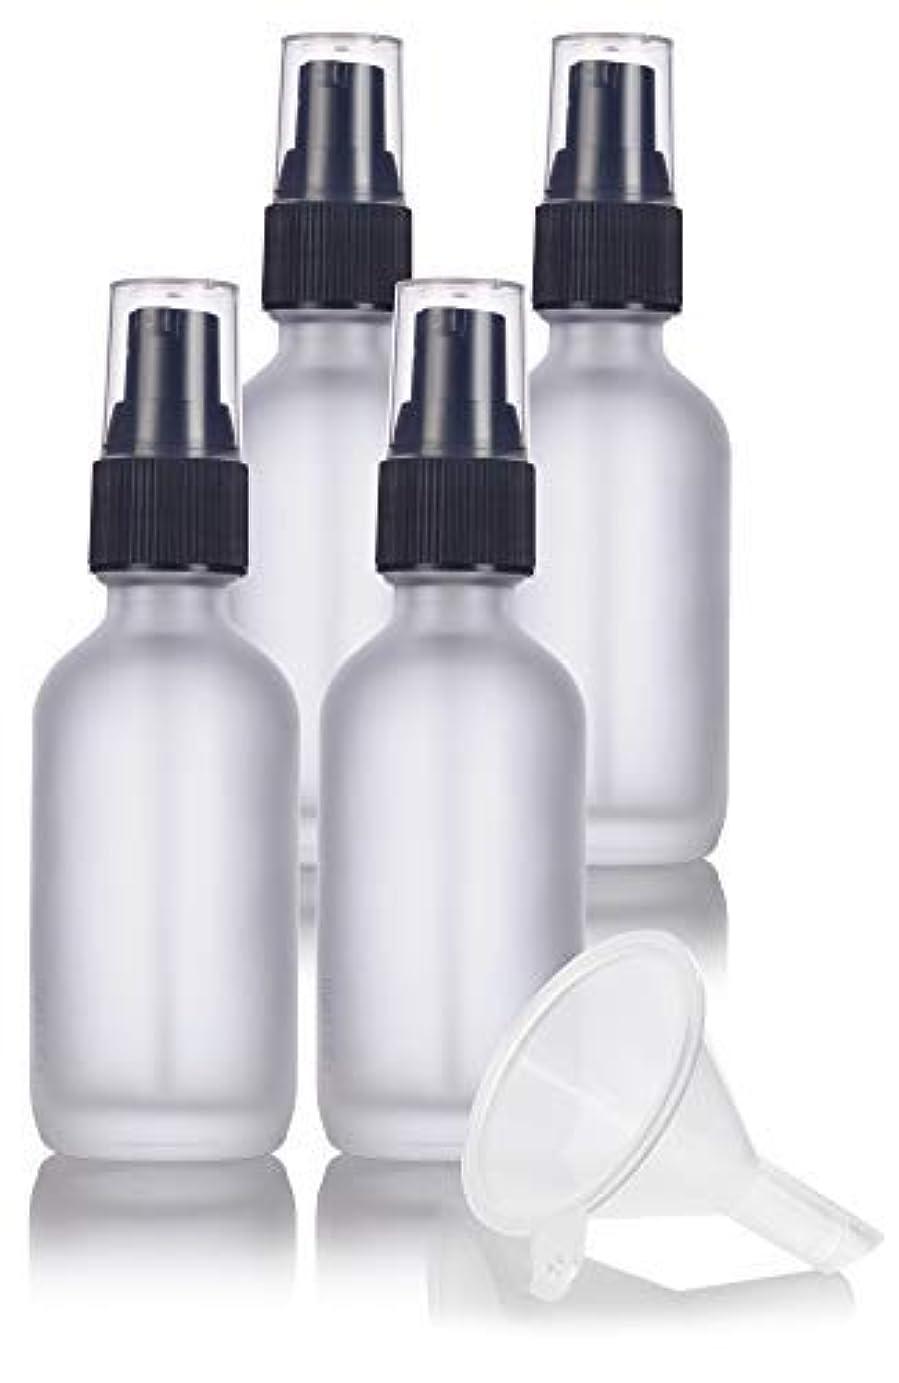 救援トレイル応用2 oz Frosted Clear Glass Boston Round Treatment Pump Bottle (4 pack) + Funnel and Labels for cosmetics, serums...